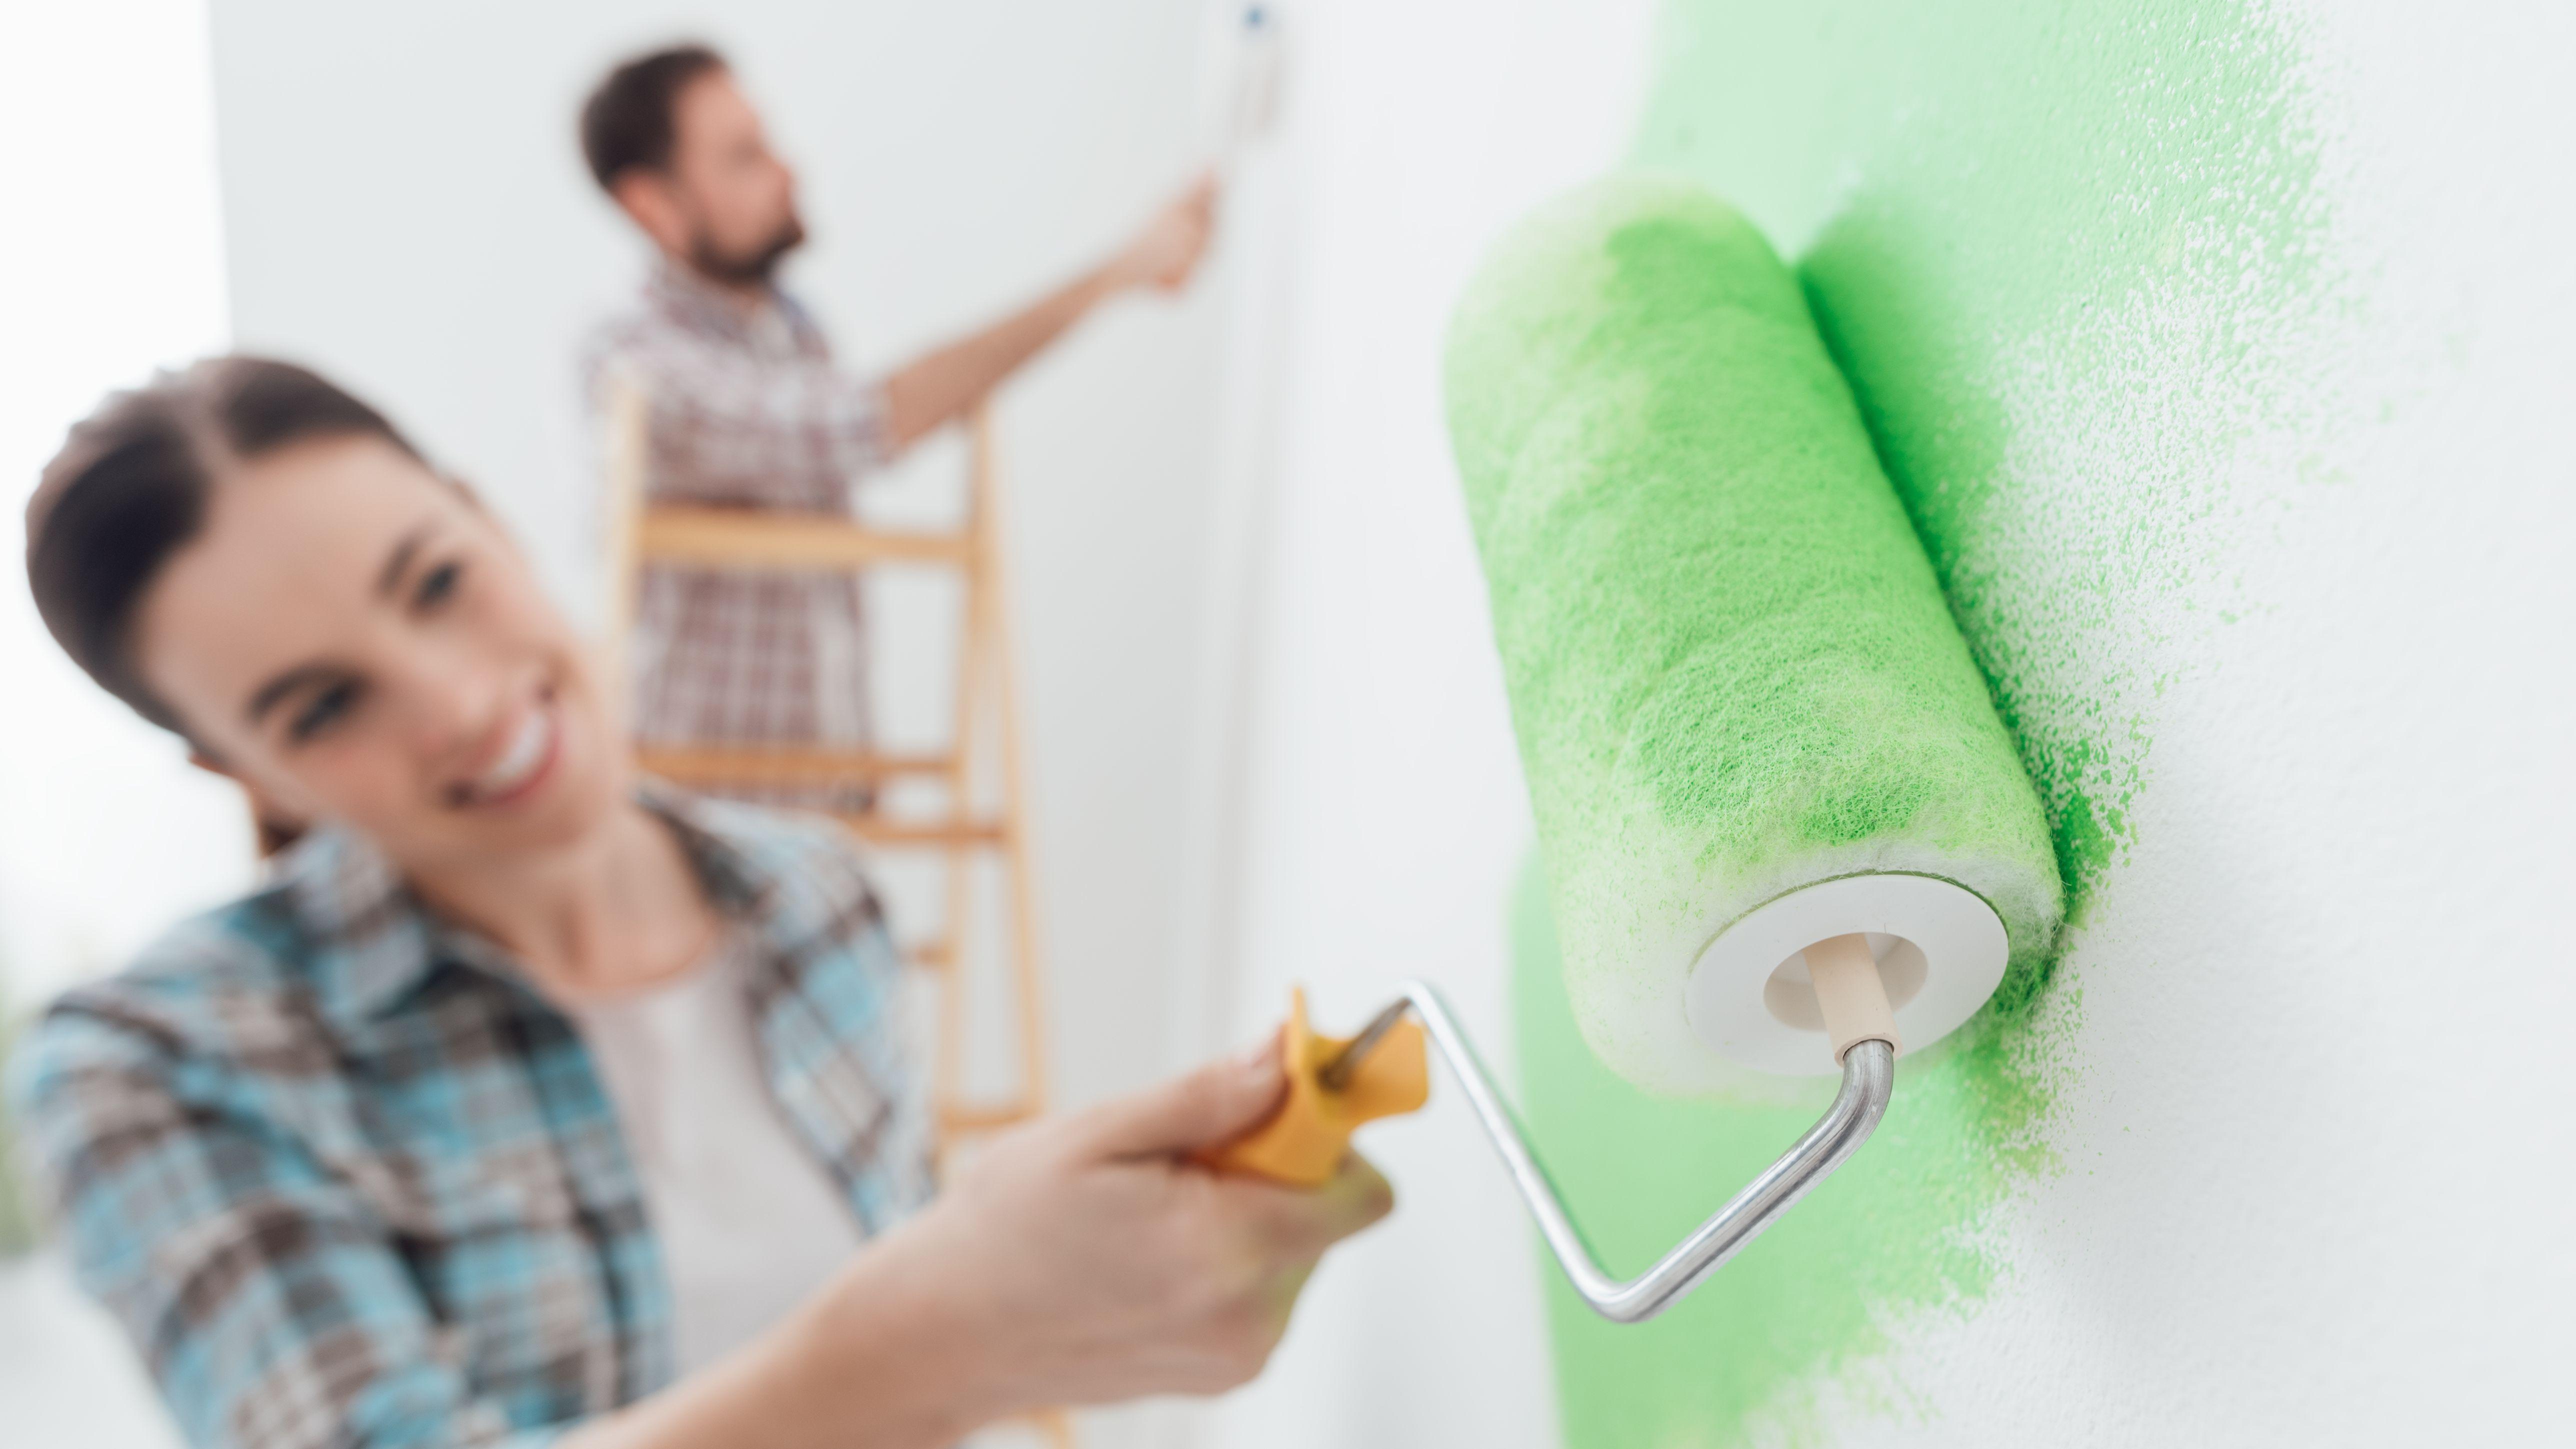 ¿Cómo pintar una pared?